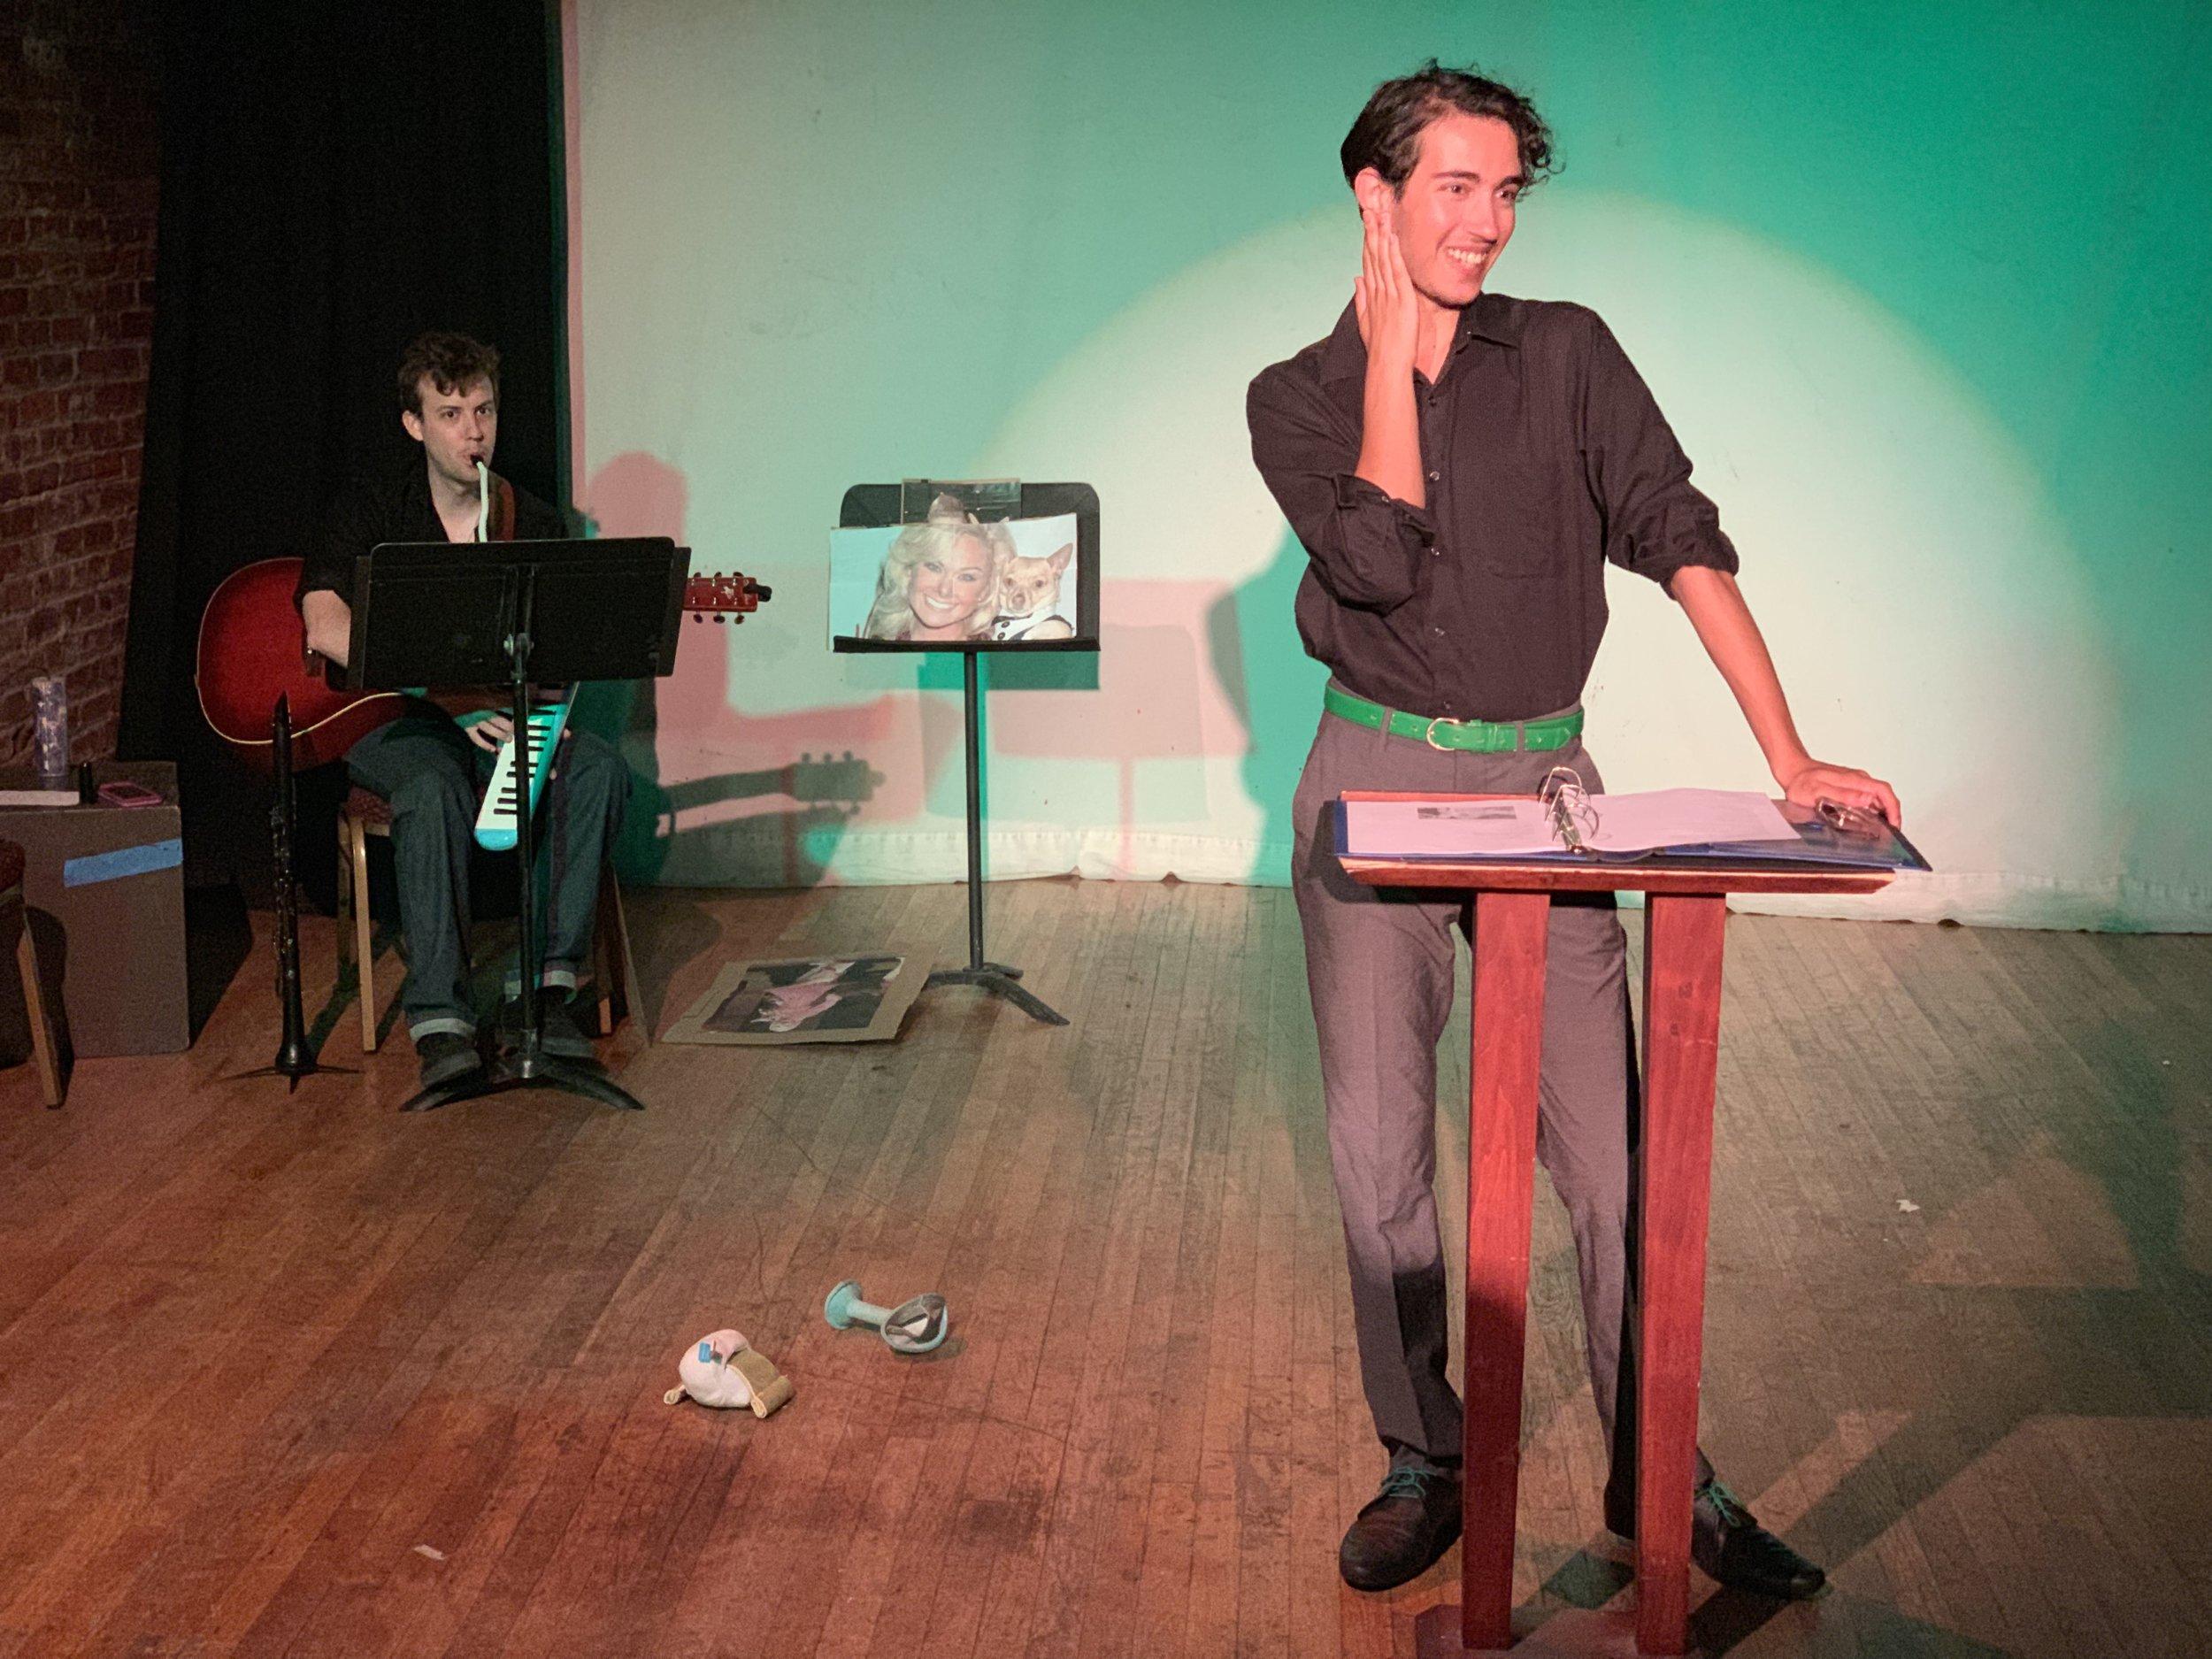 Ben Moniz and Jamie Lowenstein in A Prayer for Chico by Chris Tyler